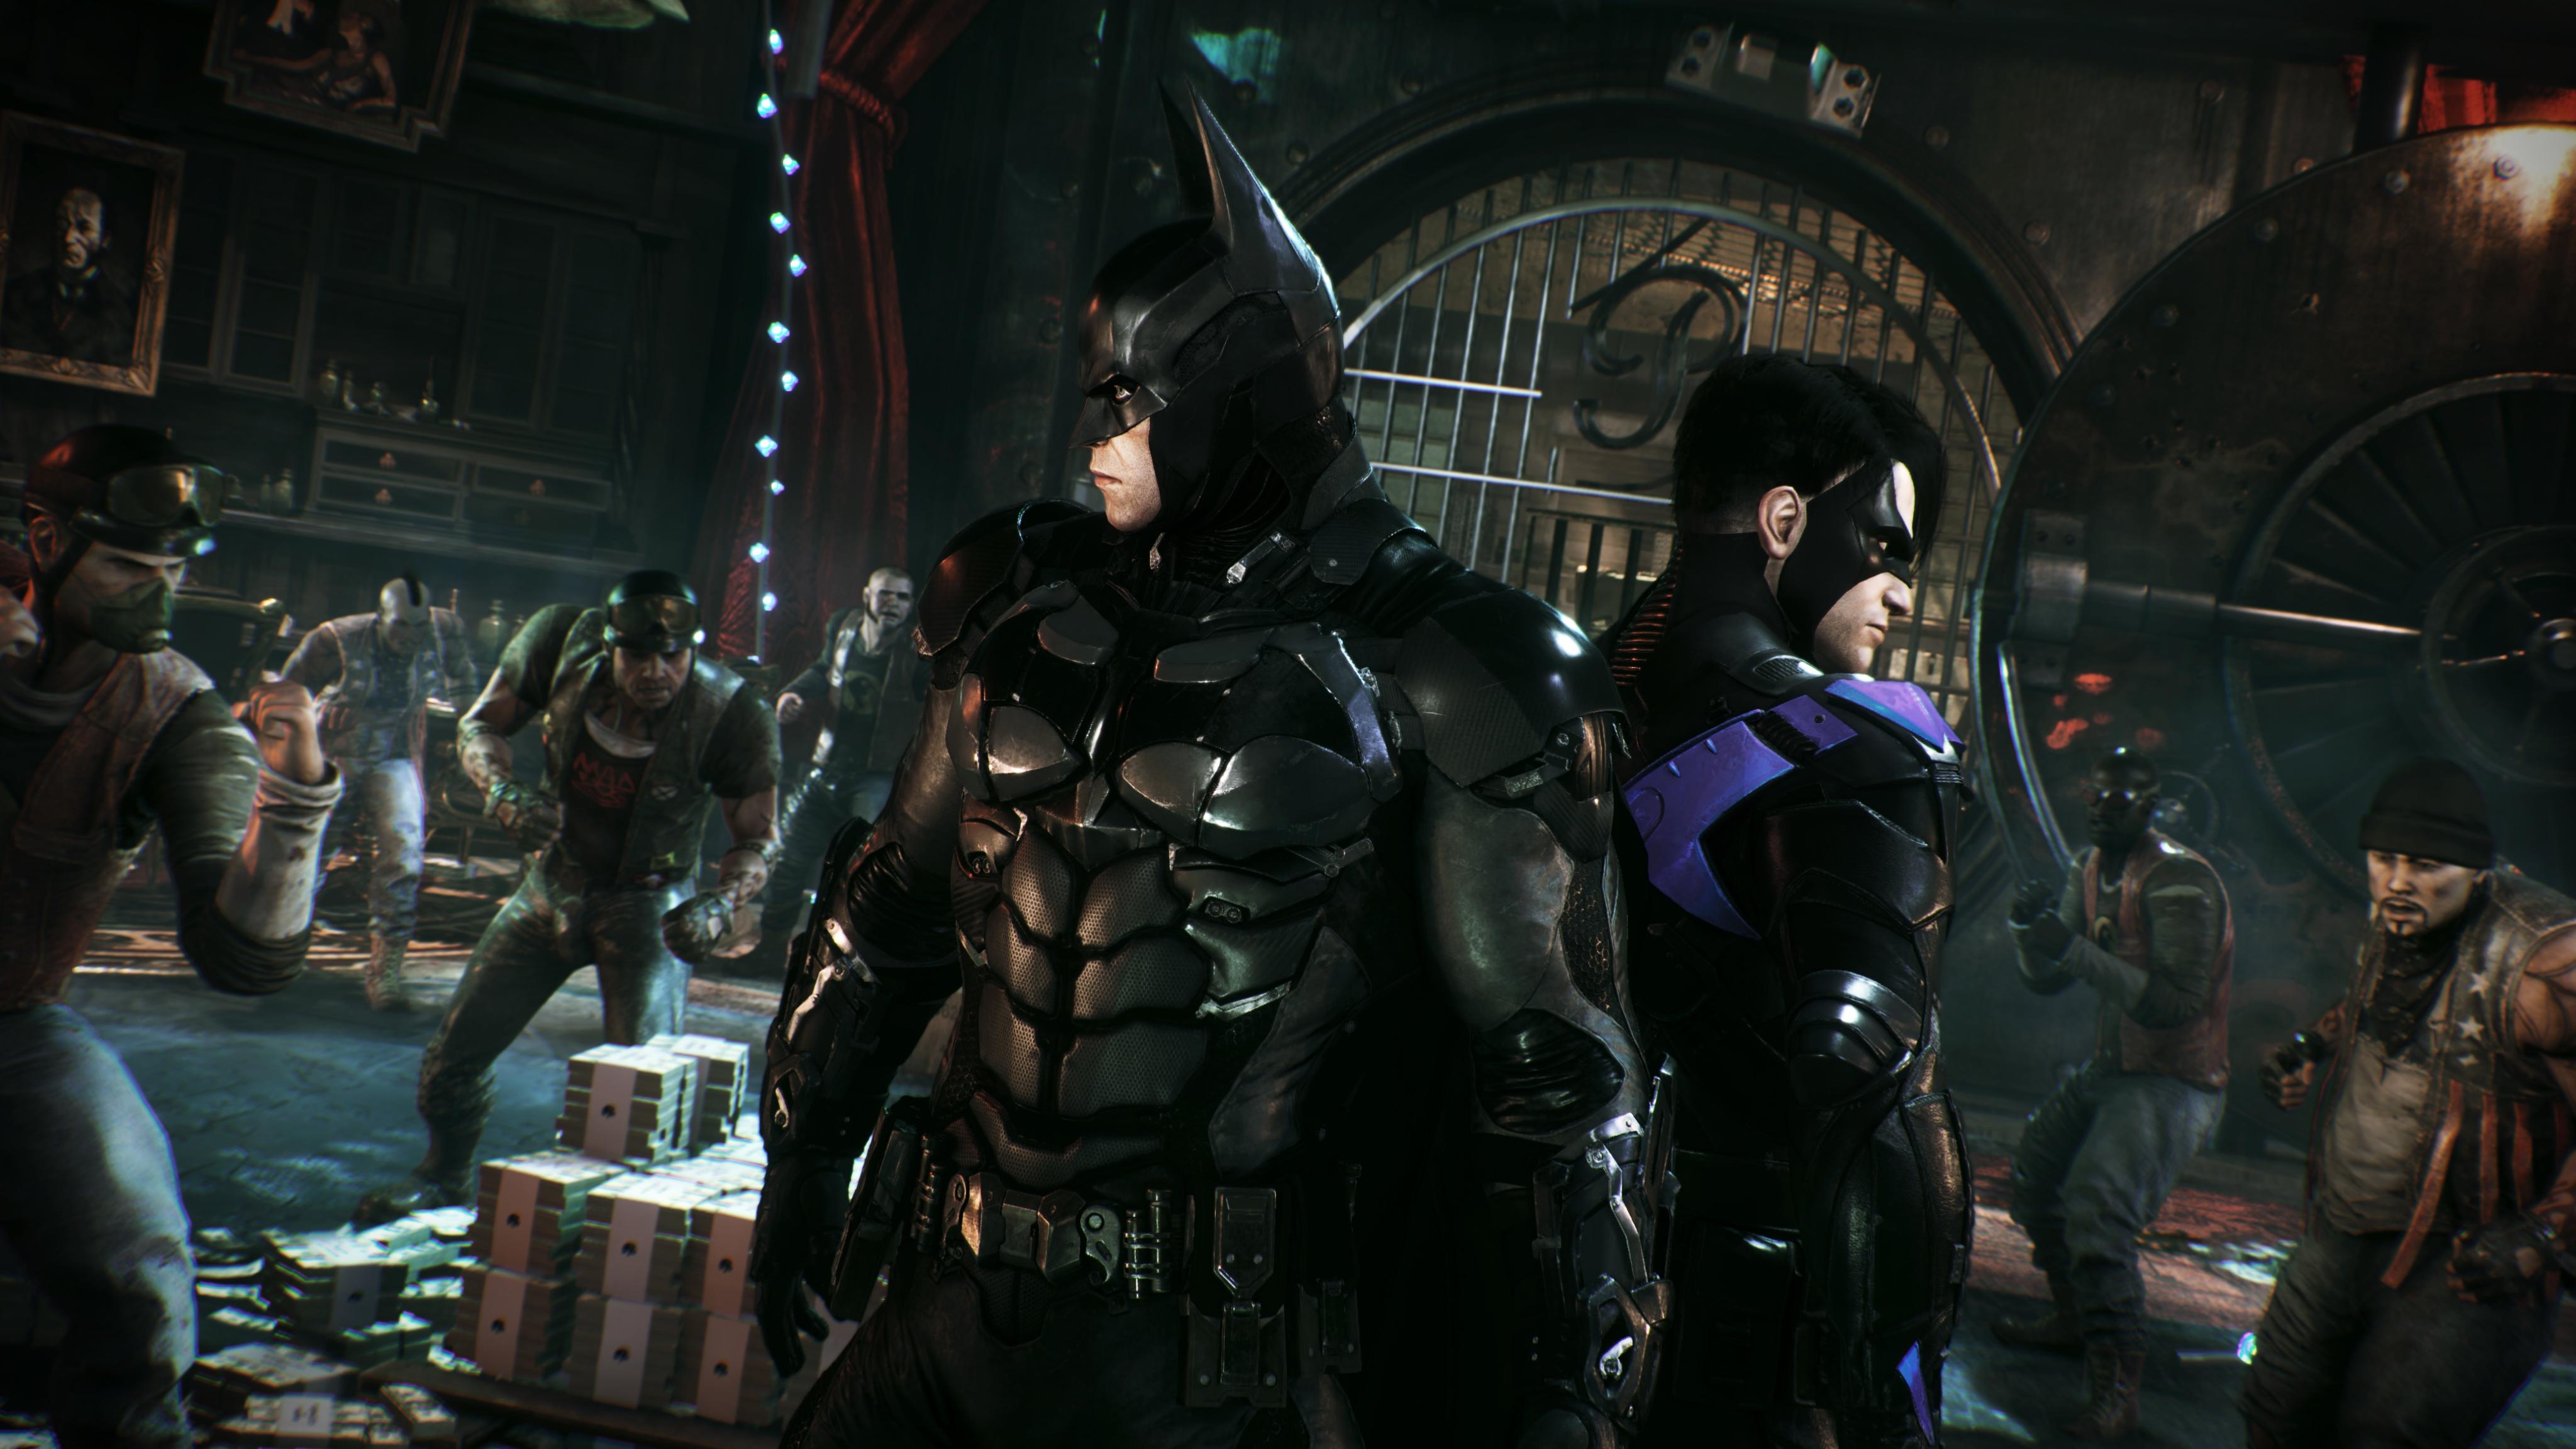 Nový gameplay trailer Batmana ukazuje všechny složky hry 109332